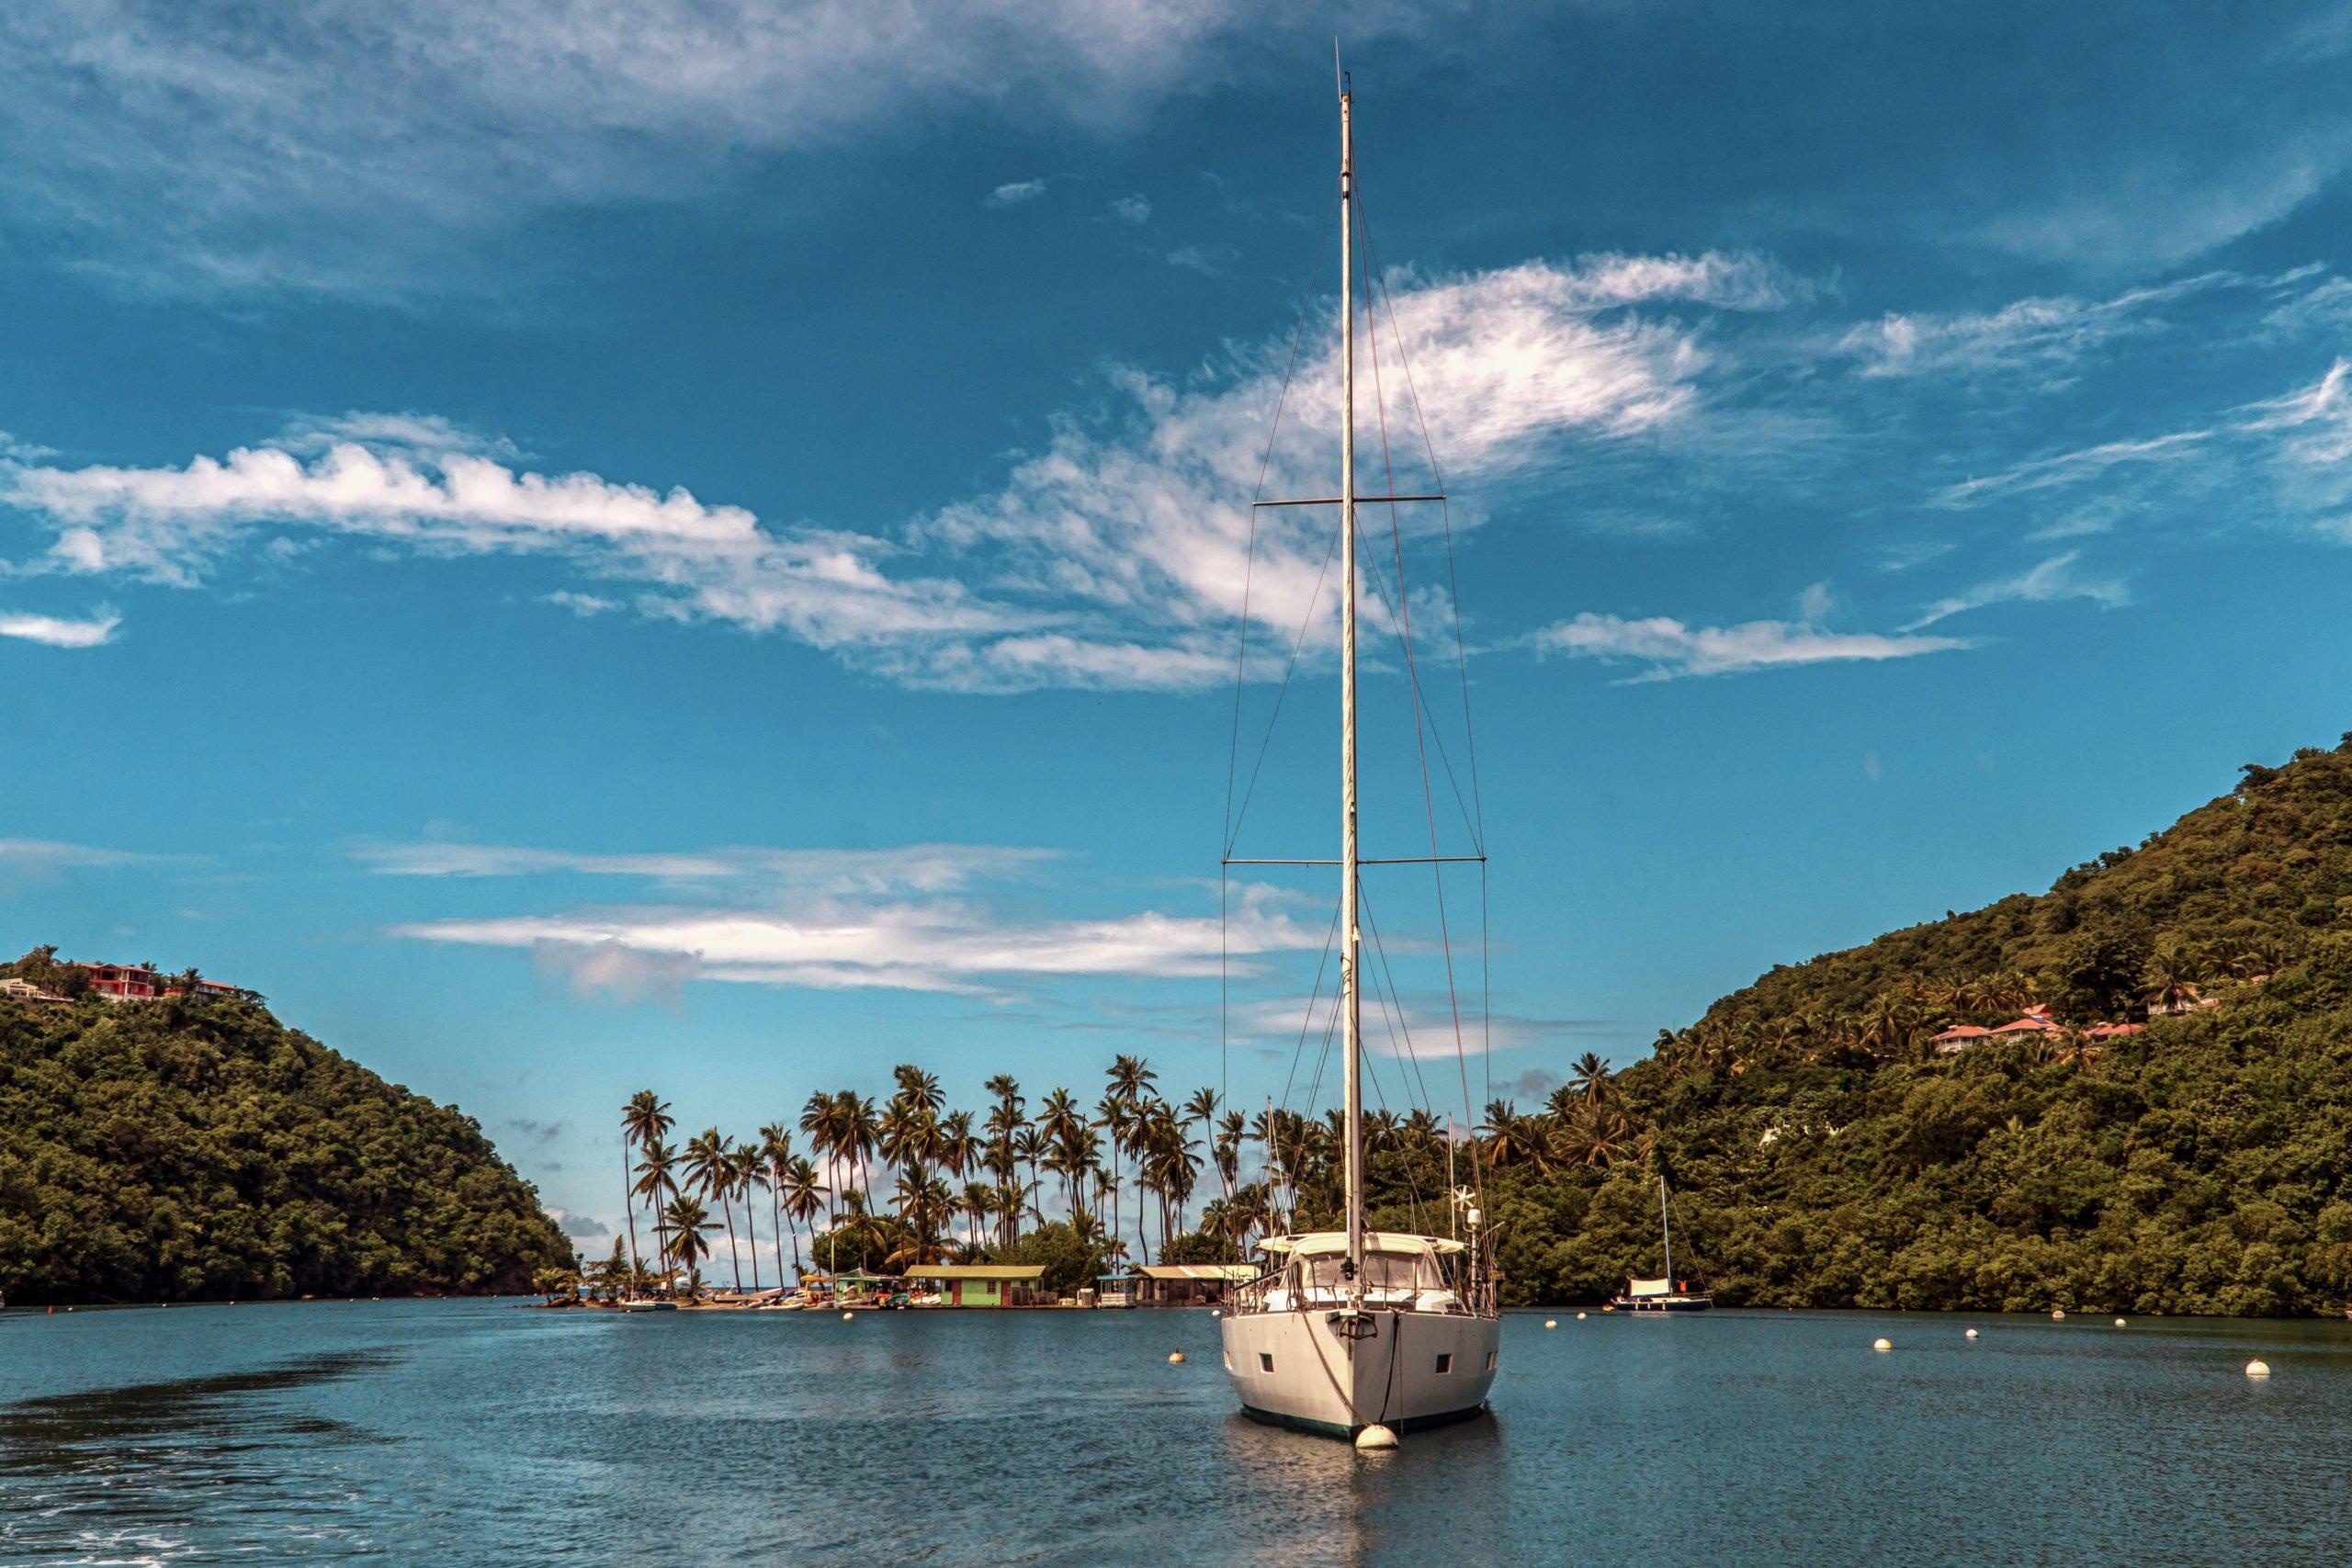 Is Saint Lucia safe